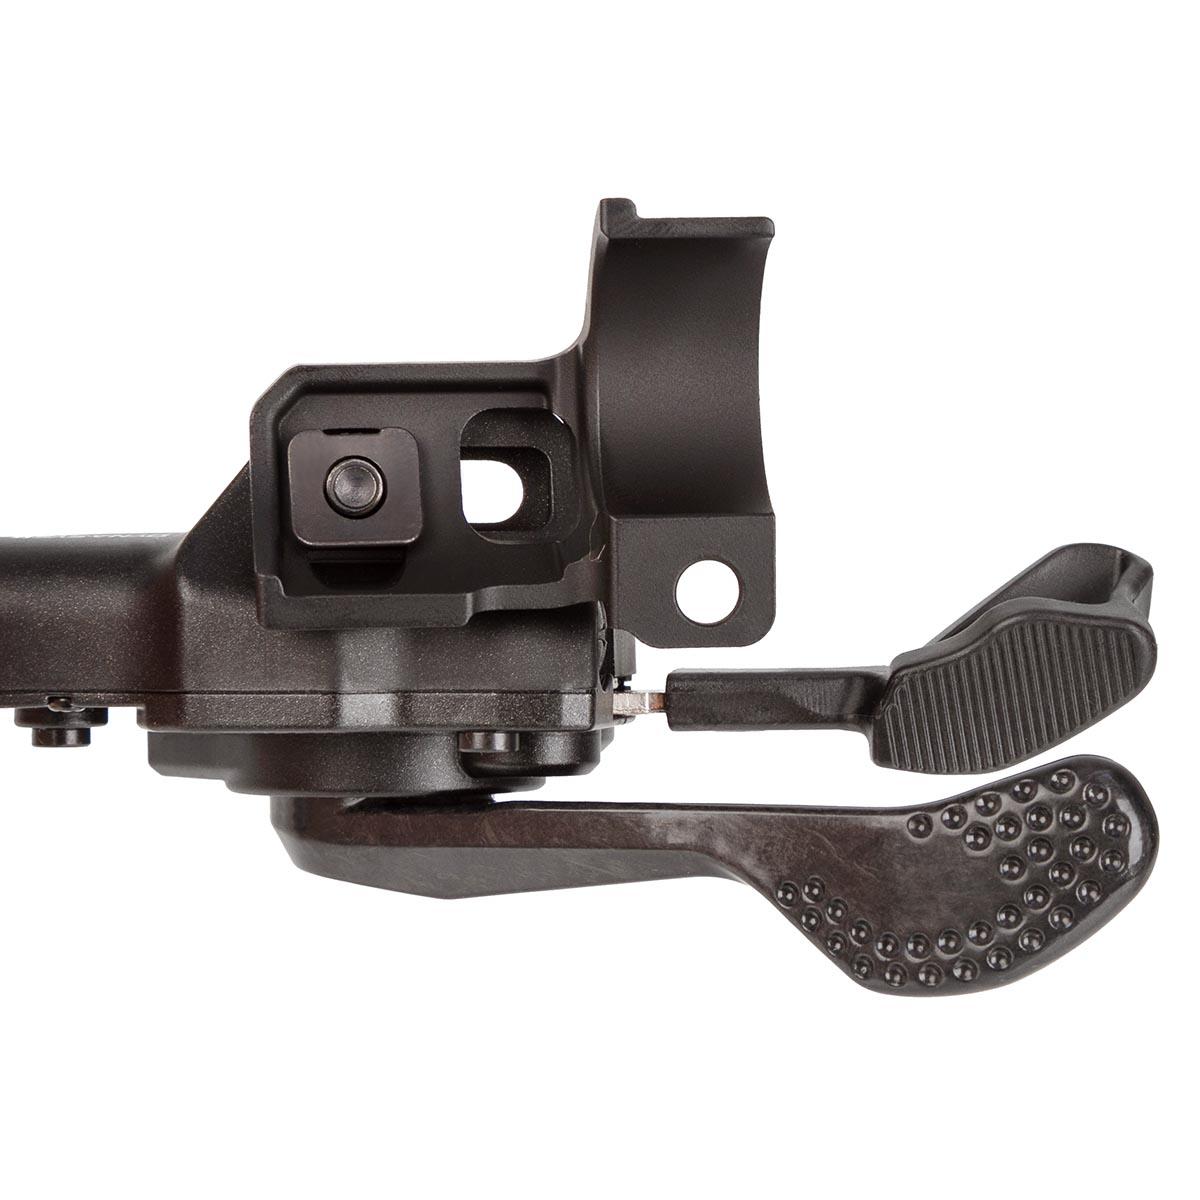 NEW Shimano XTR M9000 11-speed Right Rear Shifter I-spec II